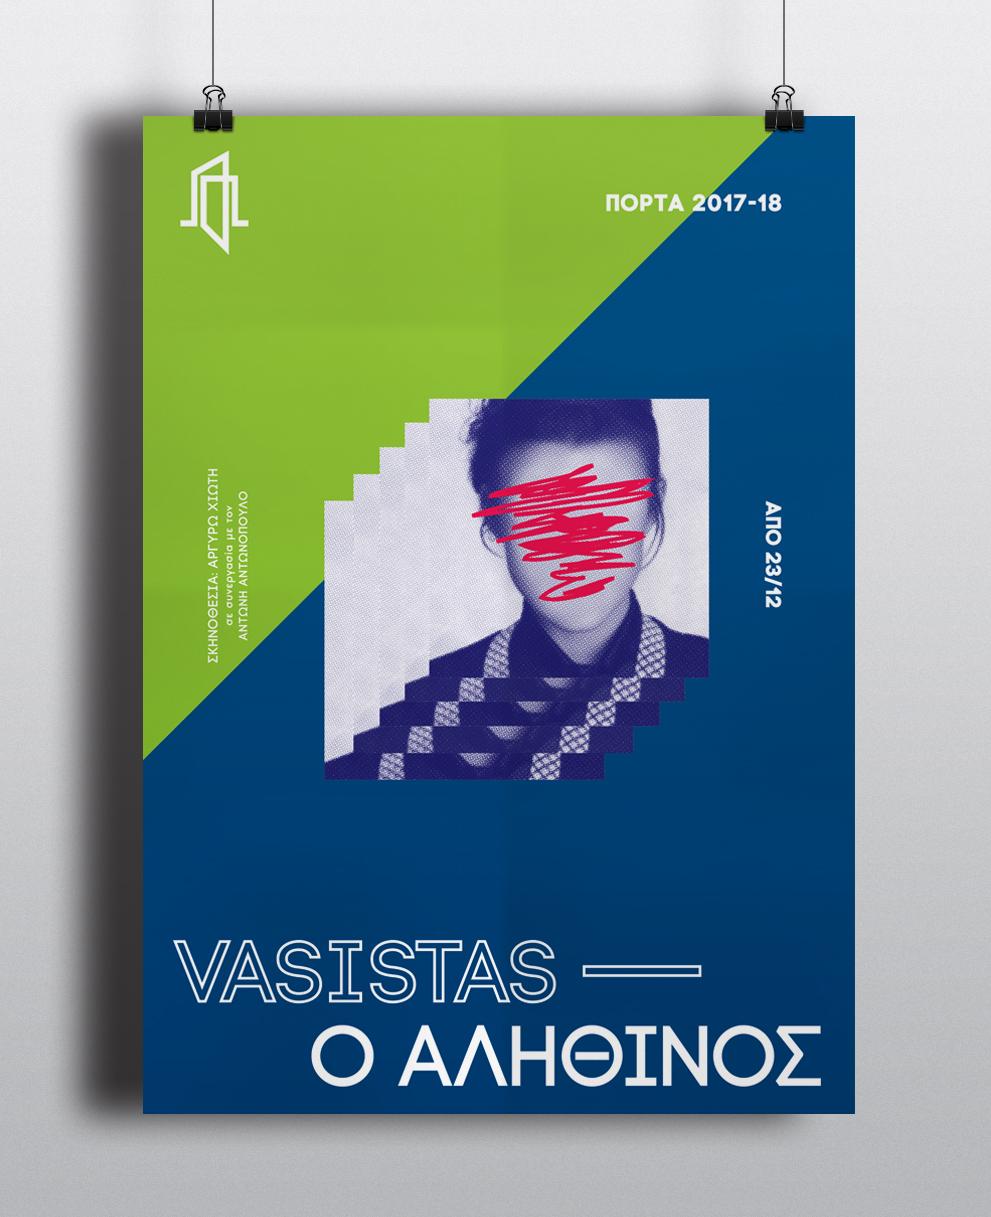 05-ΠΟΡΤΑ-VASISTAS